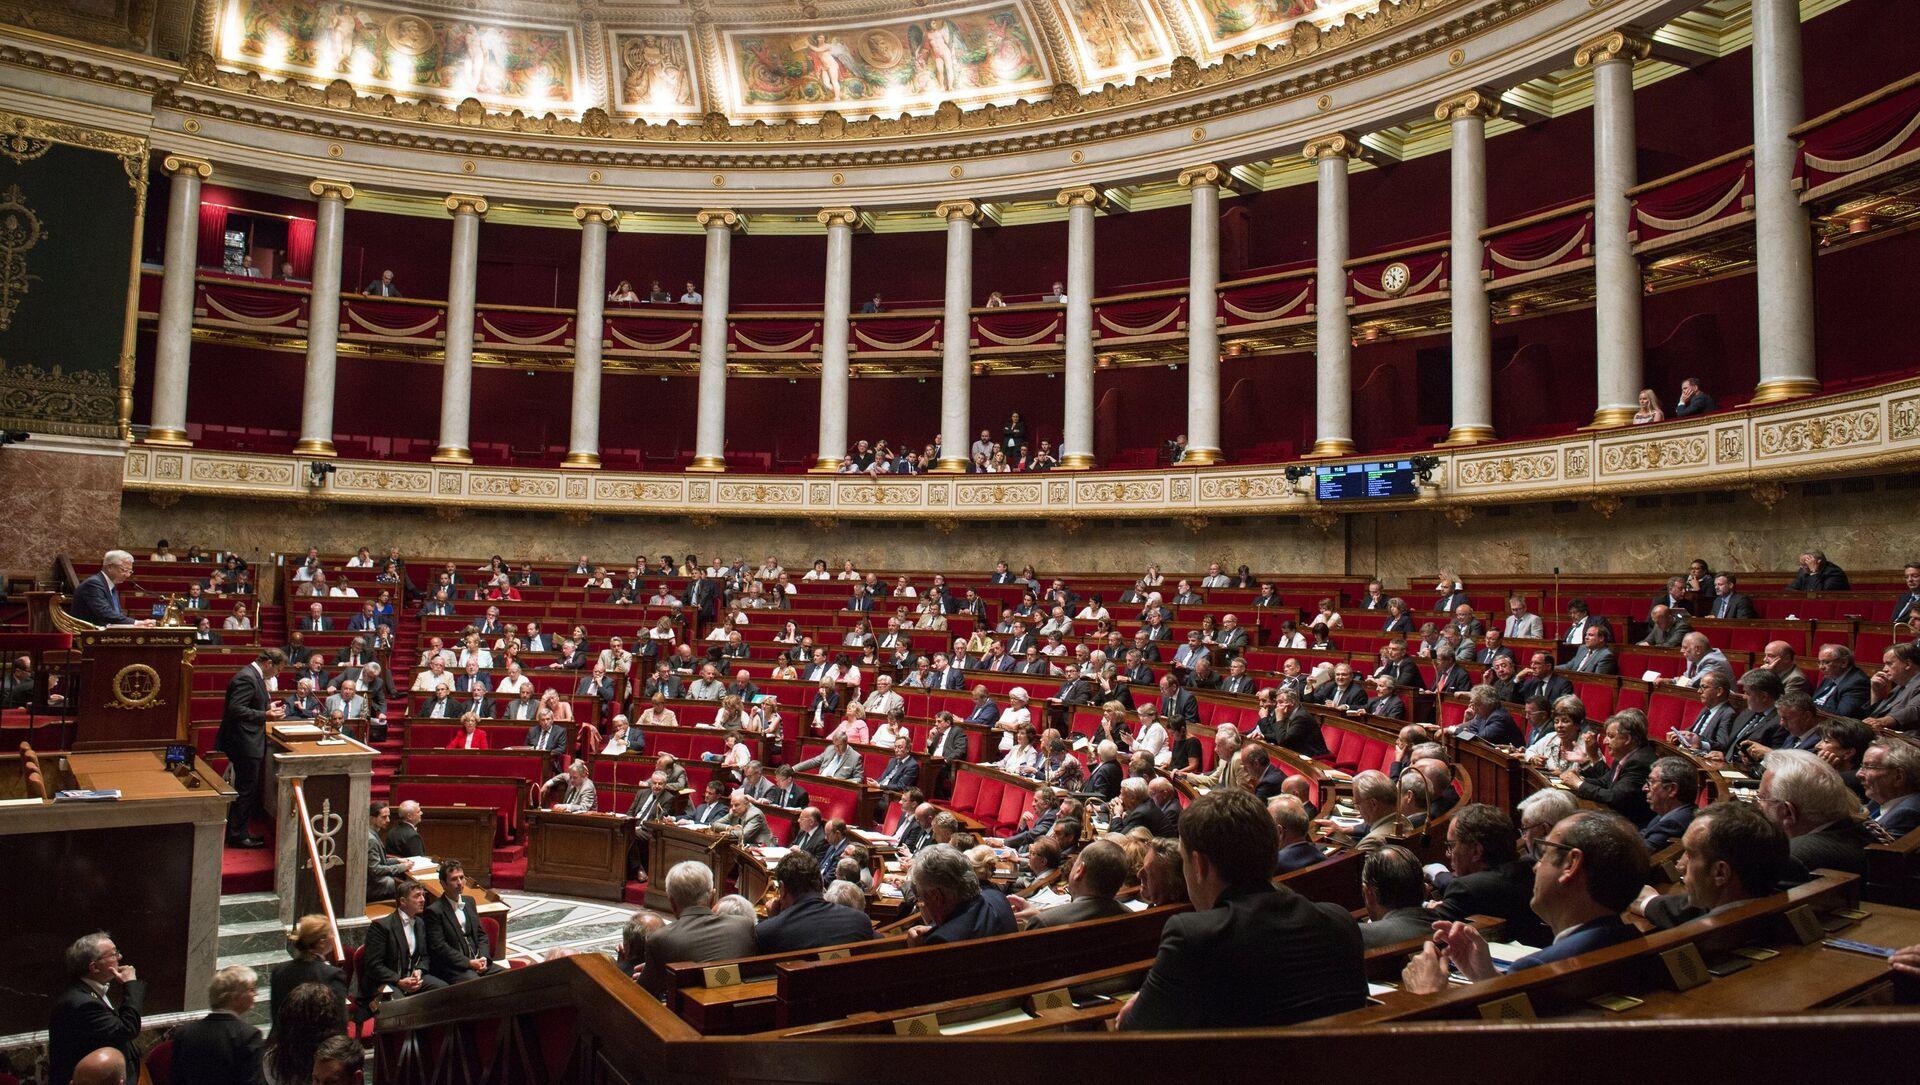 Parlement français. Photo d'archive - Sputnik France, 1920, 23.07.2021